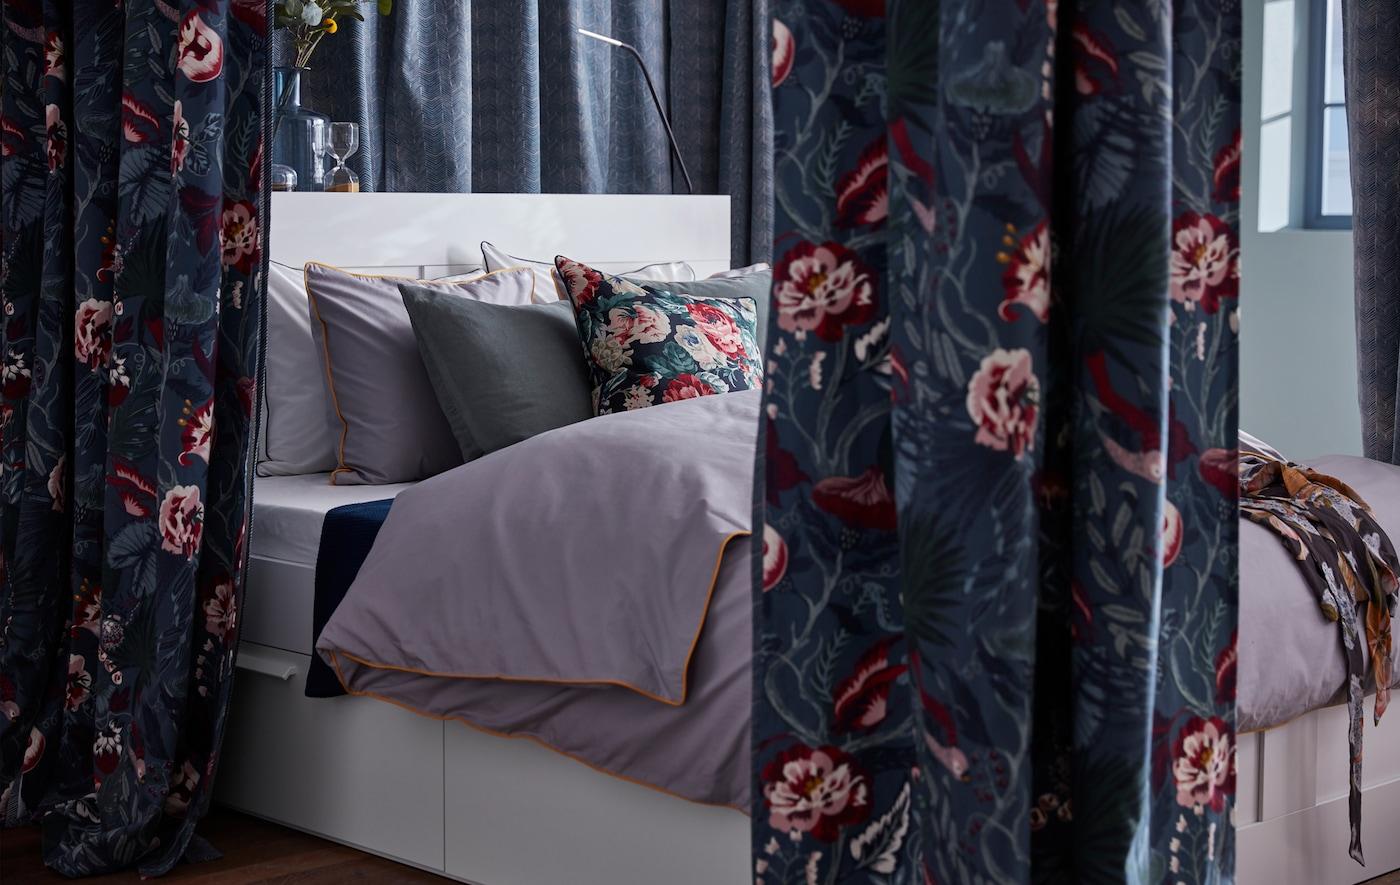 Una cama con varias cortinas colgadas alrededor y confeccionadas con la tela estampada IKEA FILODENDRON.